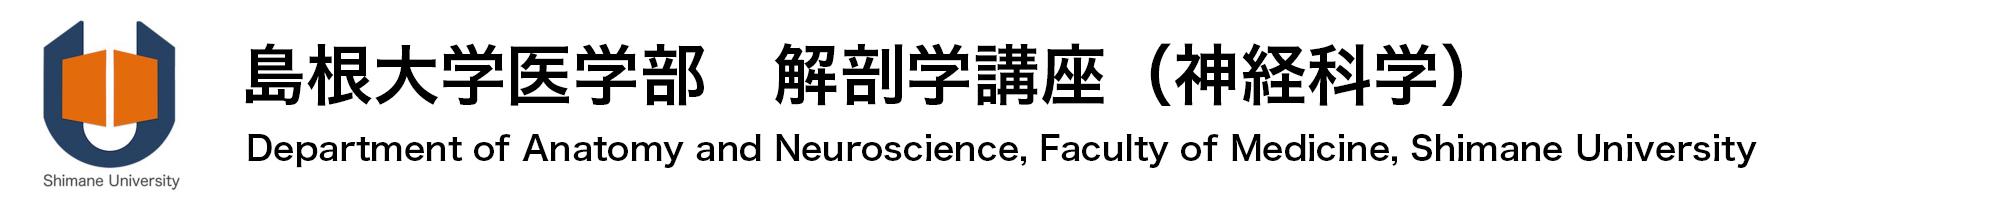 島根大学医学部解剖学講座(神経科学)